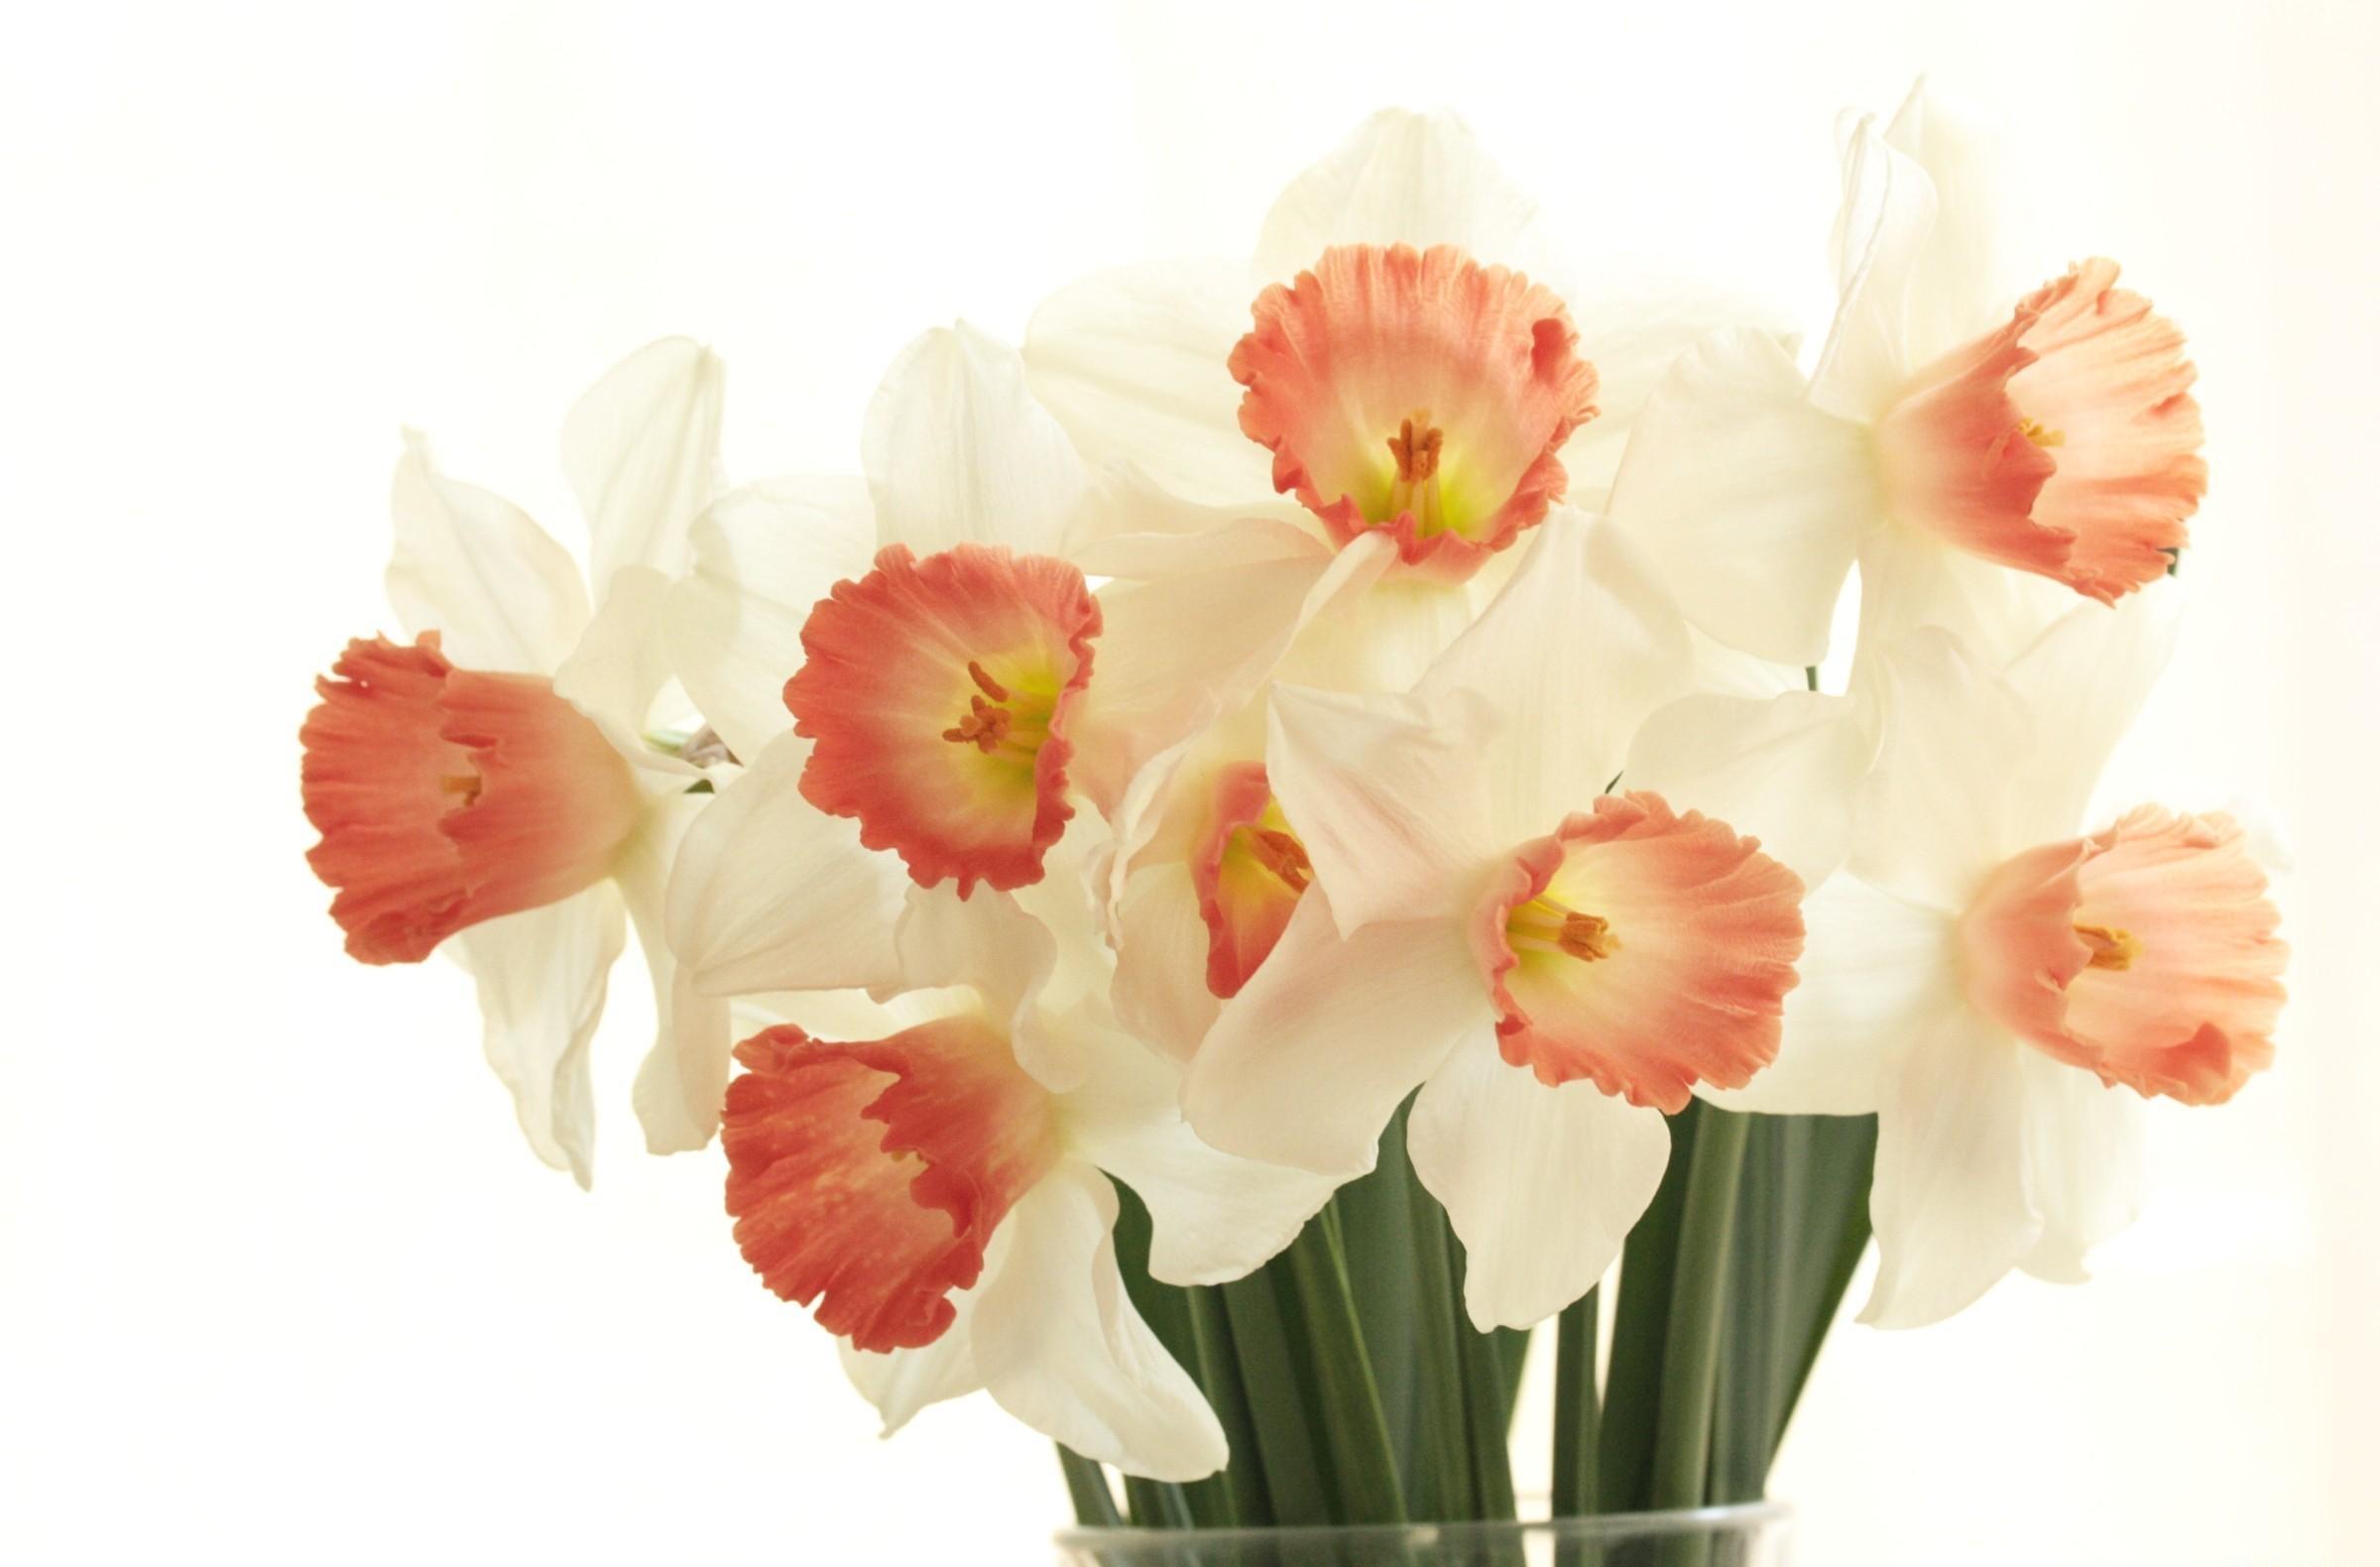 96501 Заставки и Обои Нарциссы на телефон. Скачать Цветы, Нарциссы, Букет, Весна, Белый Фон картинки бесплатно